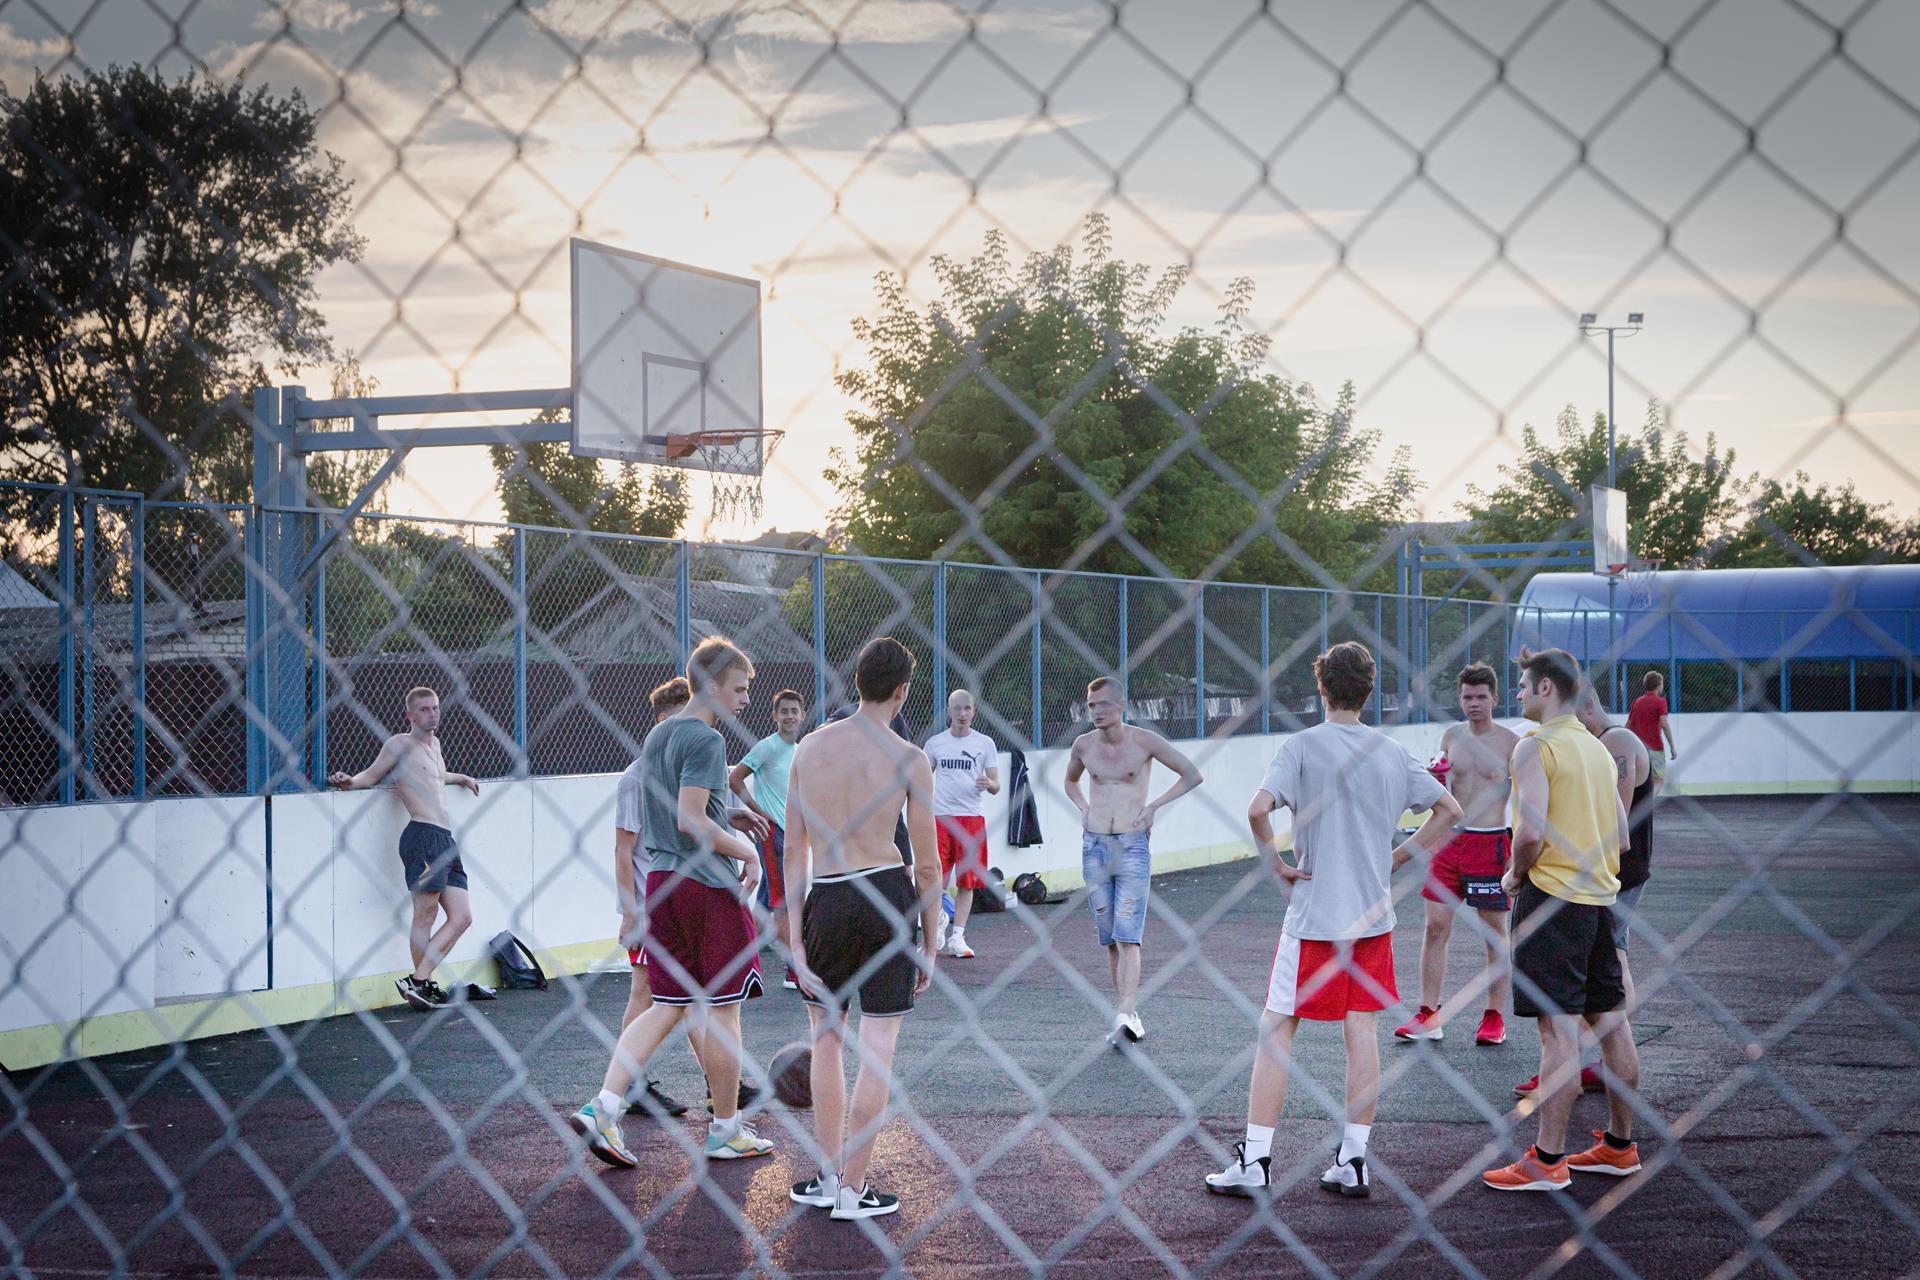 Стало известно место проведения соревнований по баскетболу «Оранжевый мяч» в Клинцах. 6+